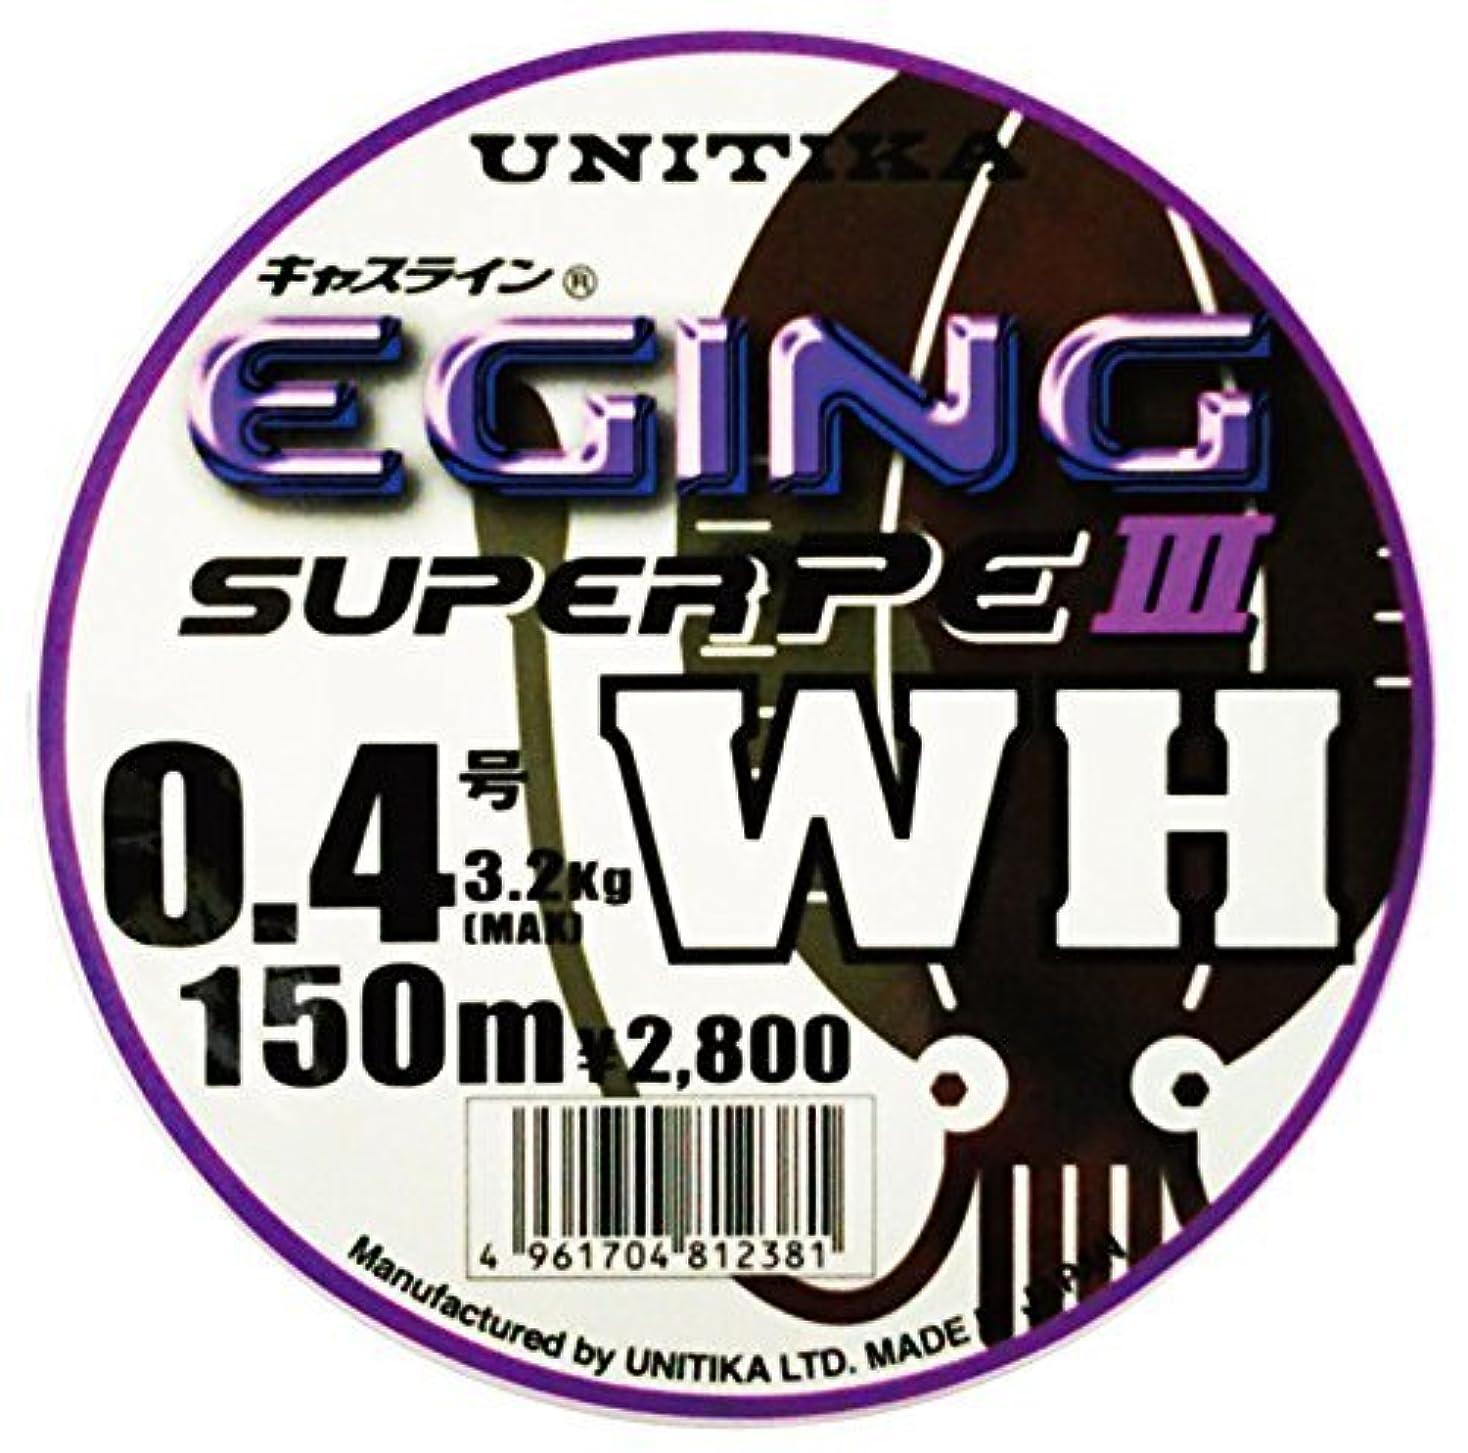 不毛作動するかわいらしいユニチカ(UNITIKA) PEライン キャスライン エギングスーパーPEIII WH 150m 1号 7.5kg ホワイト